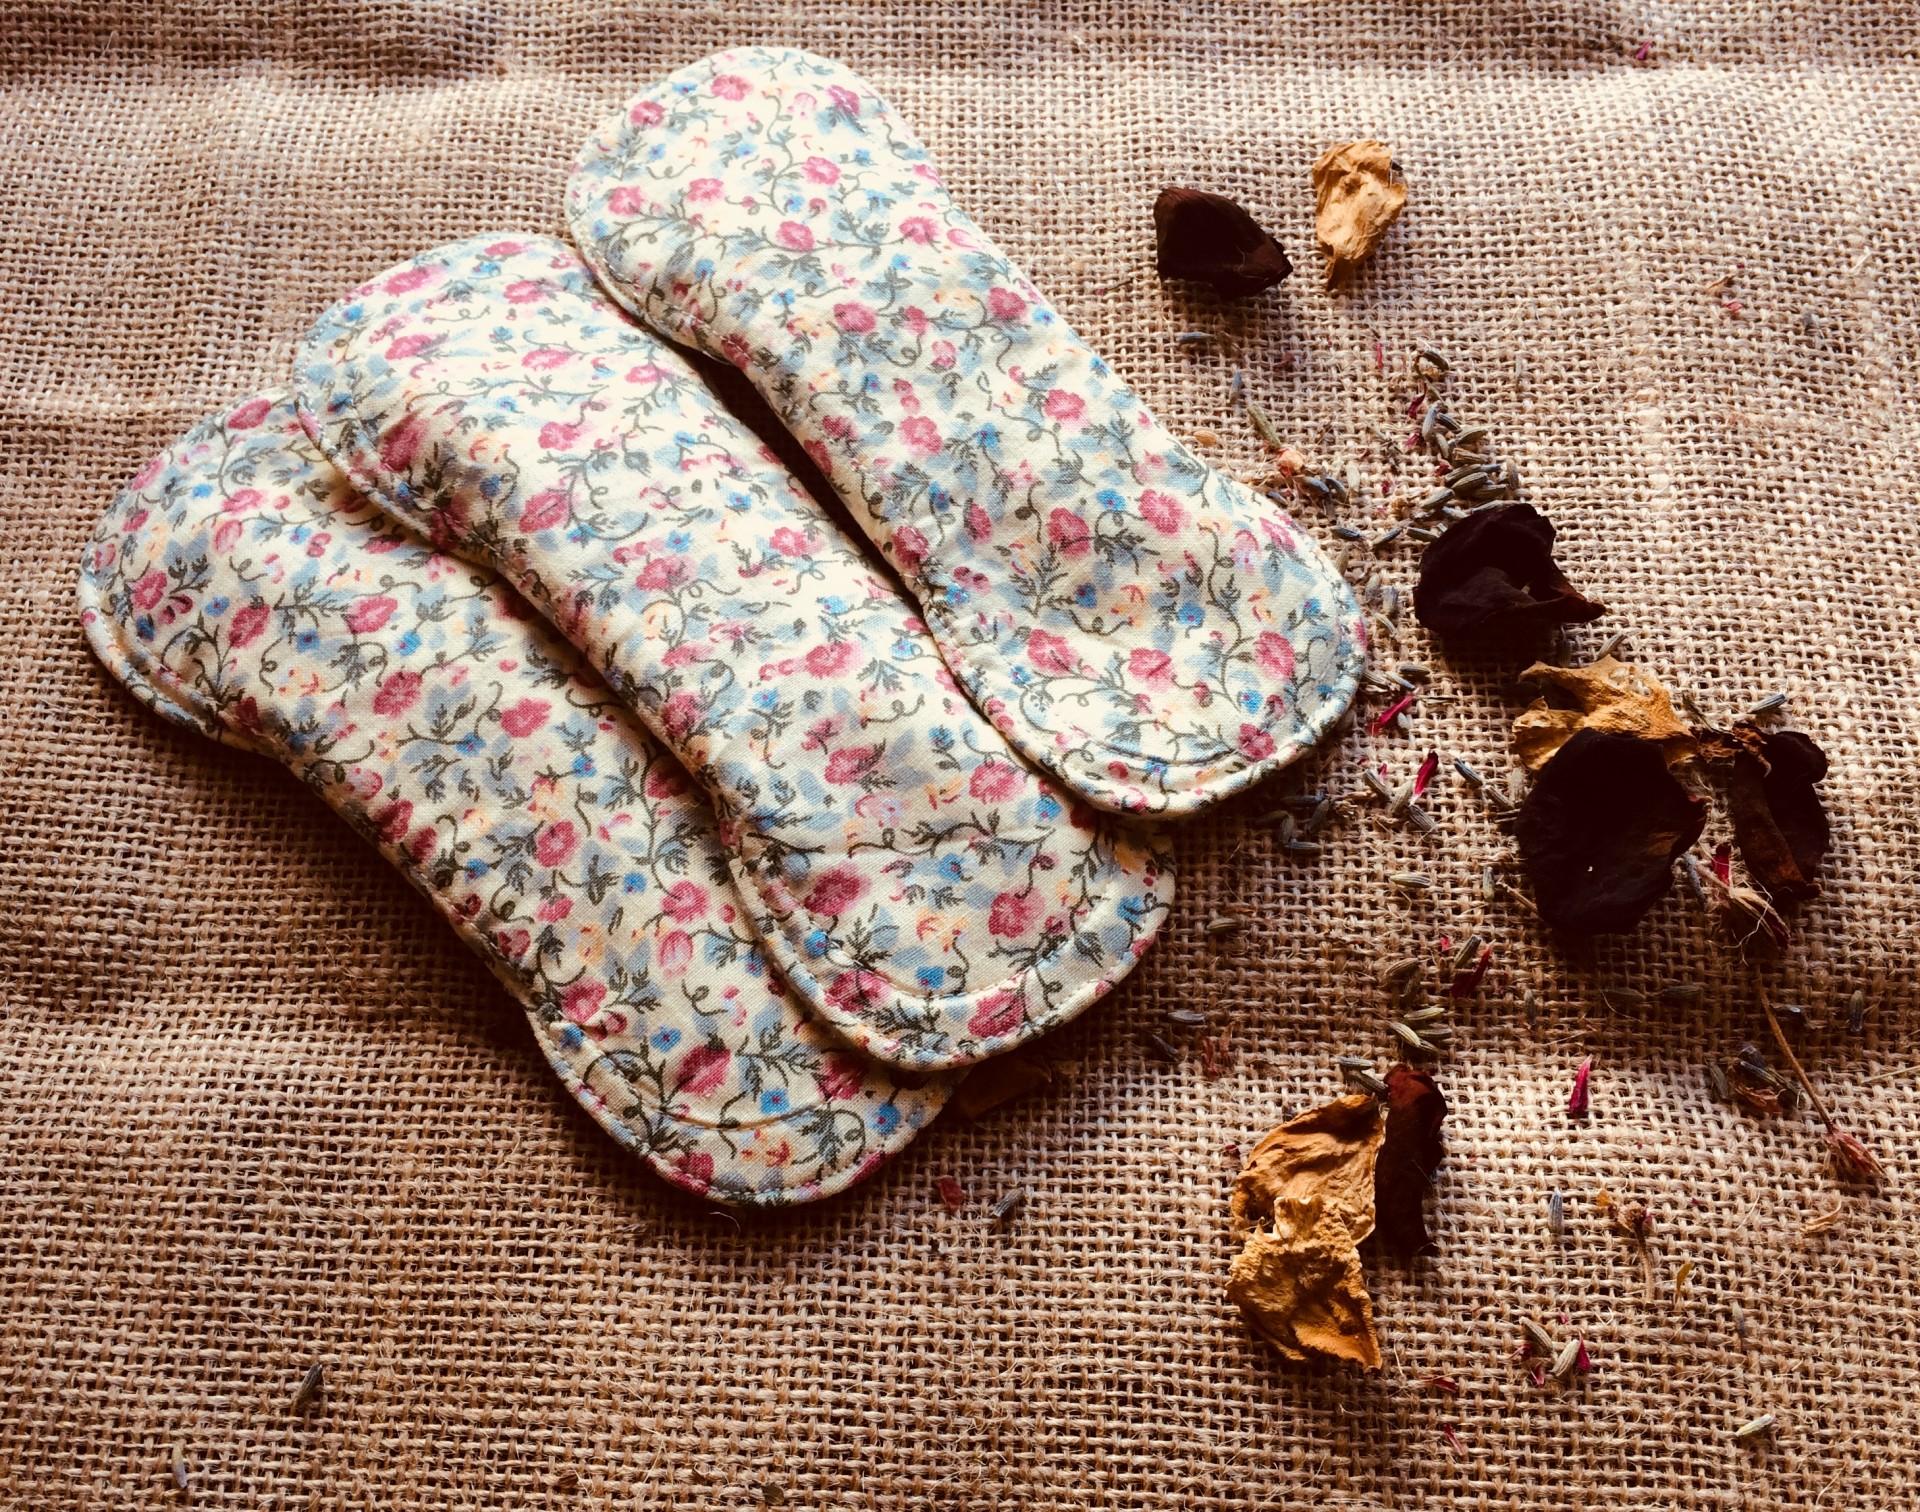 Pensos higiénicos diário/ cloth liners